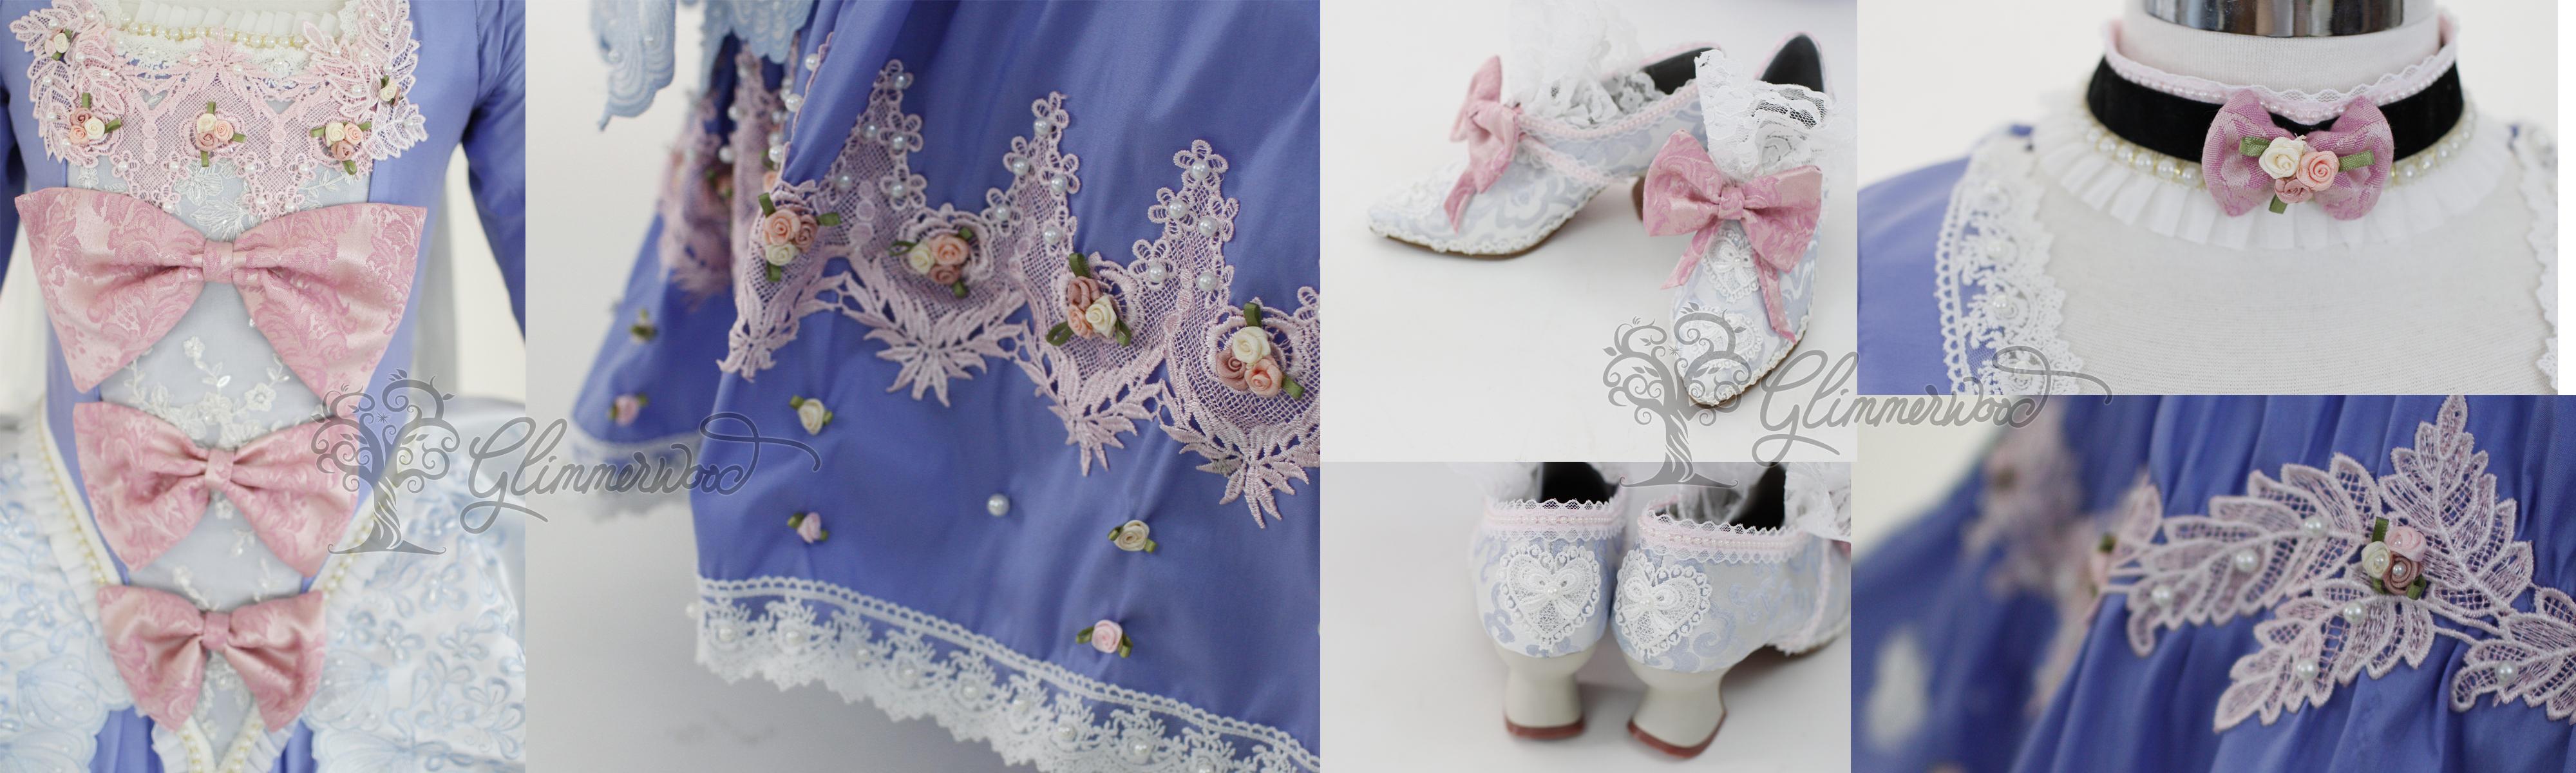 Rococo Cinderella Details